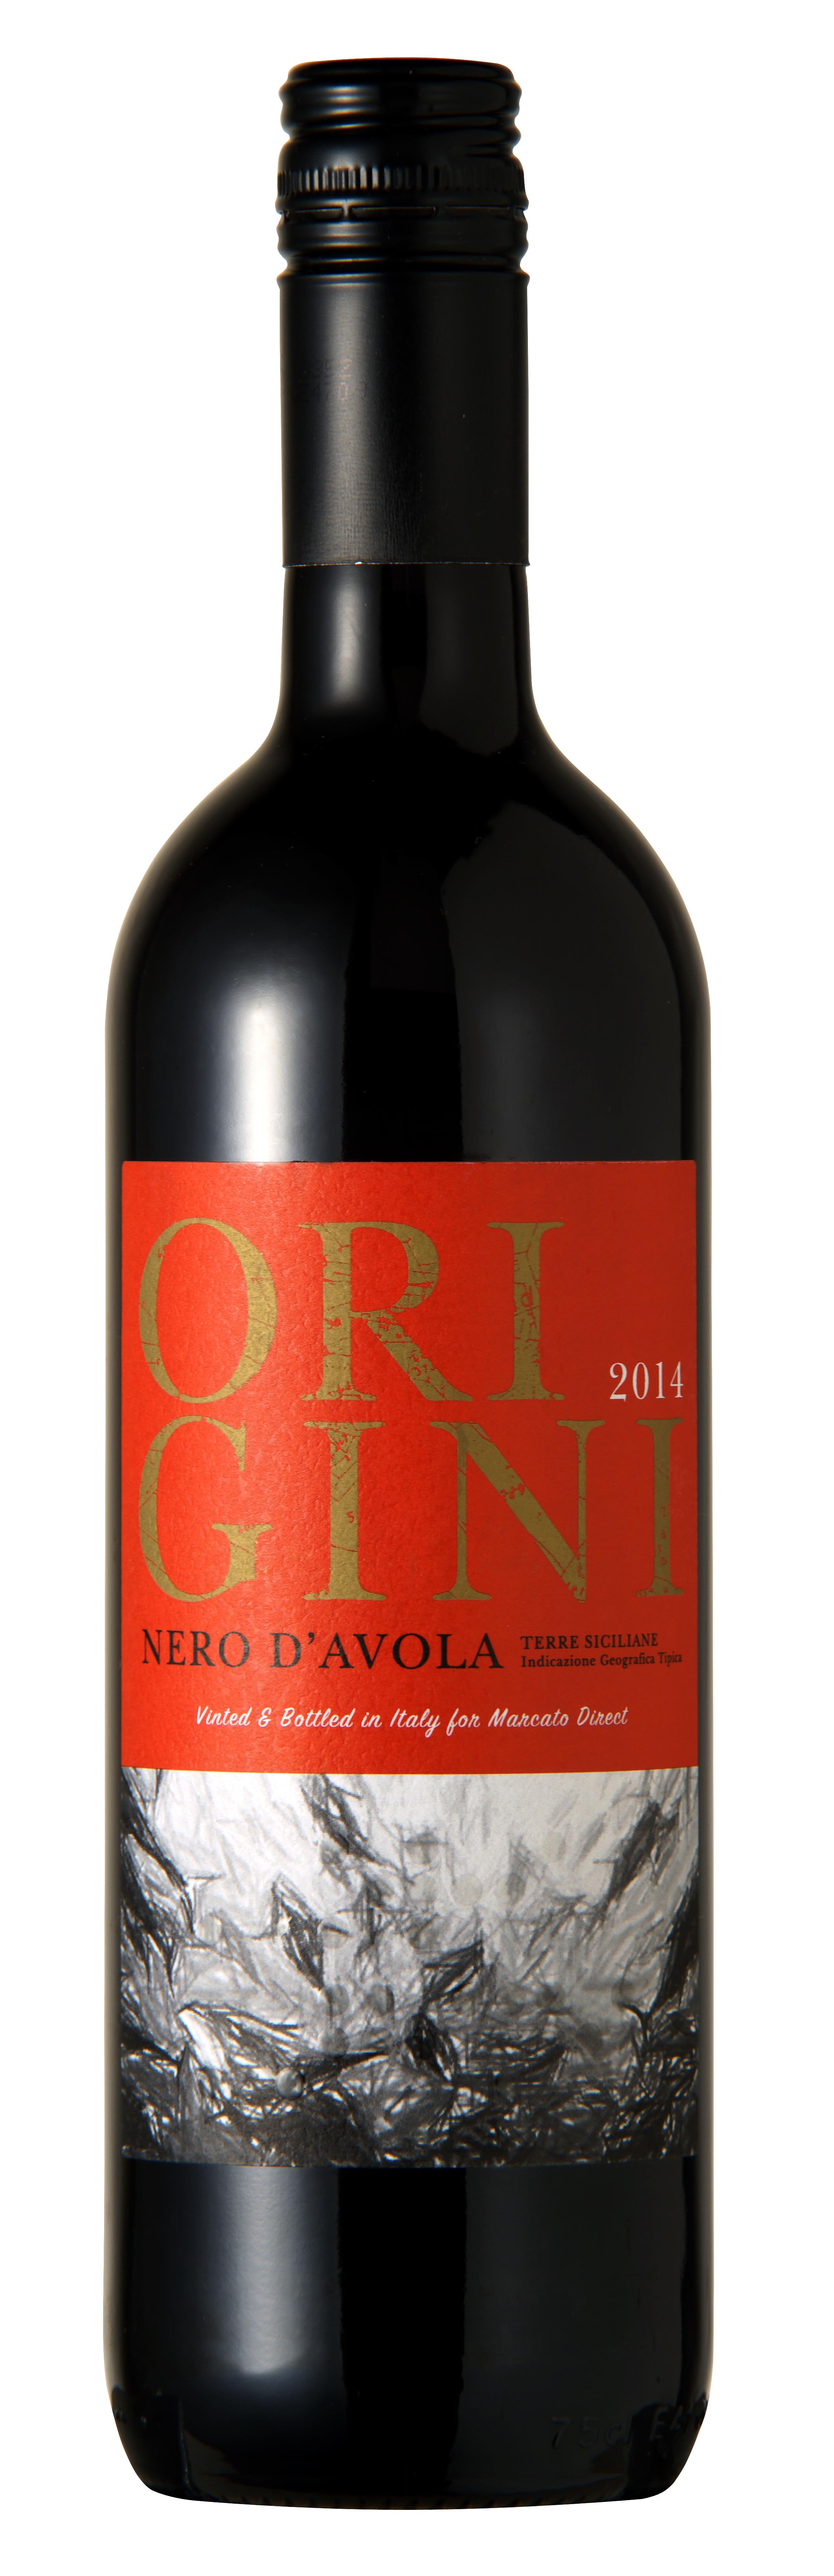 Origini Nero d'Avola Terre Siciliane IGT